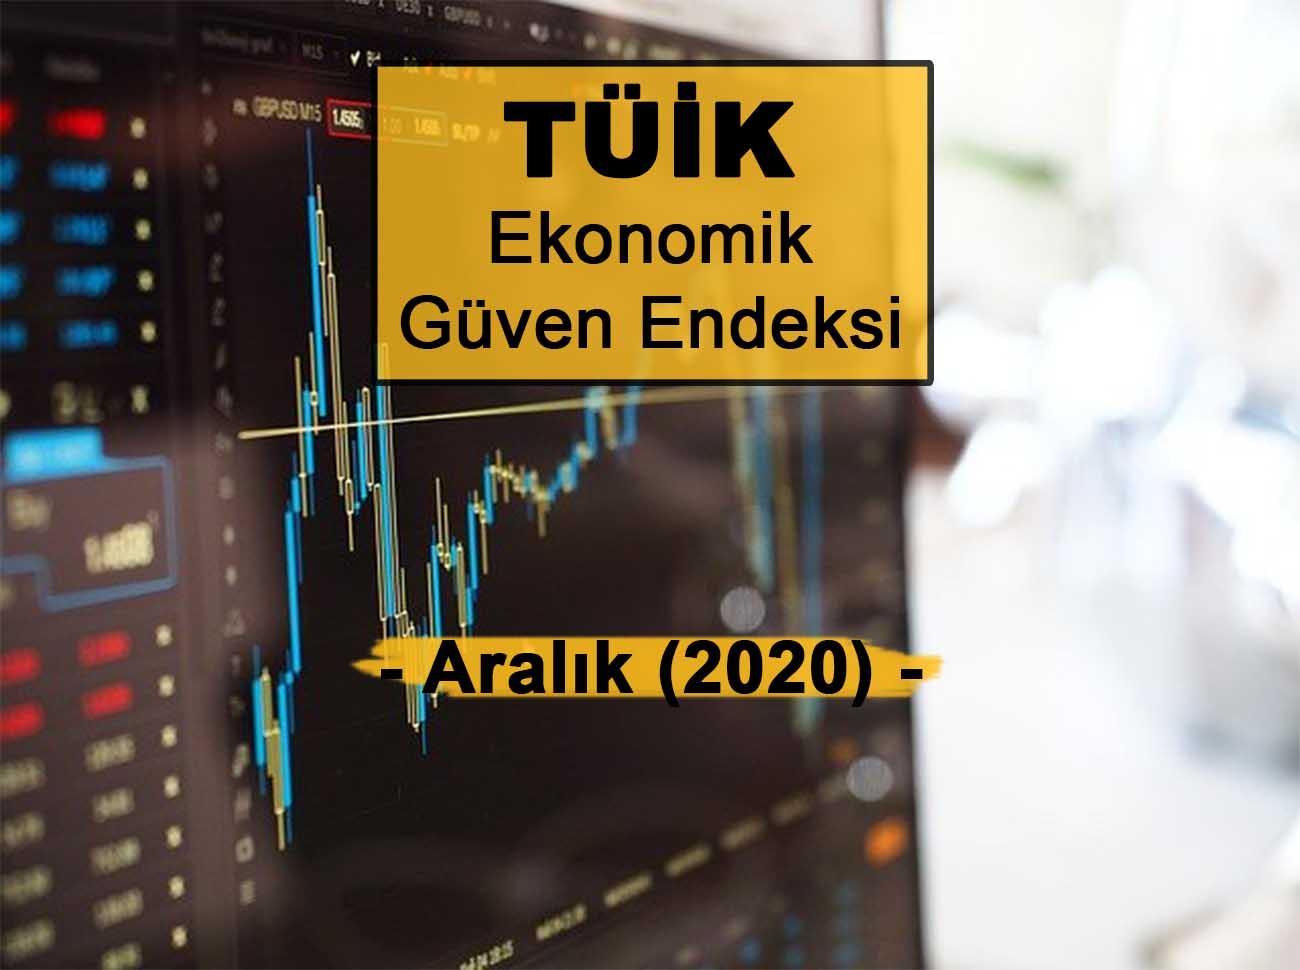 Ekonomik Güven Endeksi (Aralık 2020)